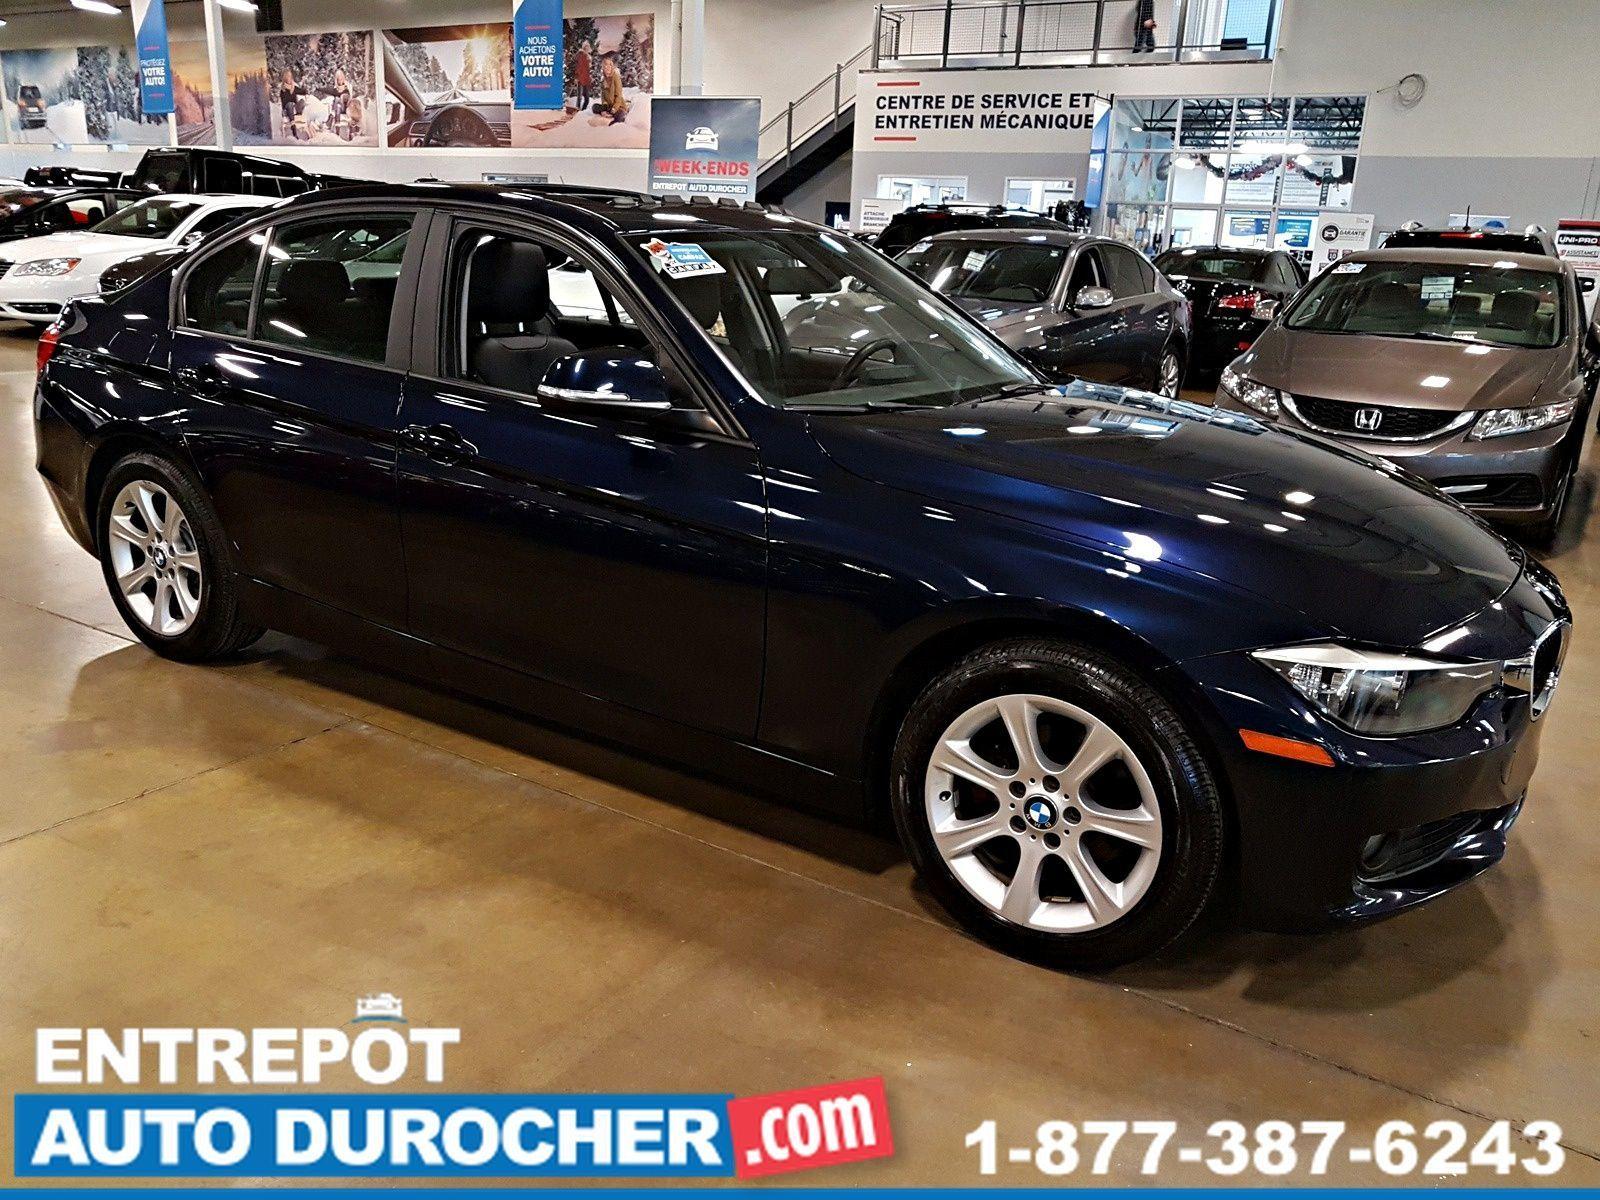 2013 BMW 3 Series 328xi 4X4 Automatique - TOIT OUVRANT - A/C - CUIR - Sièges Chauffants